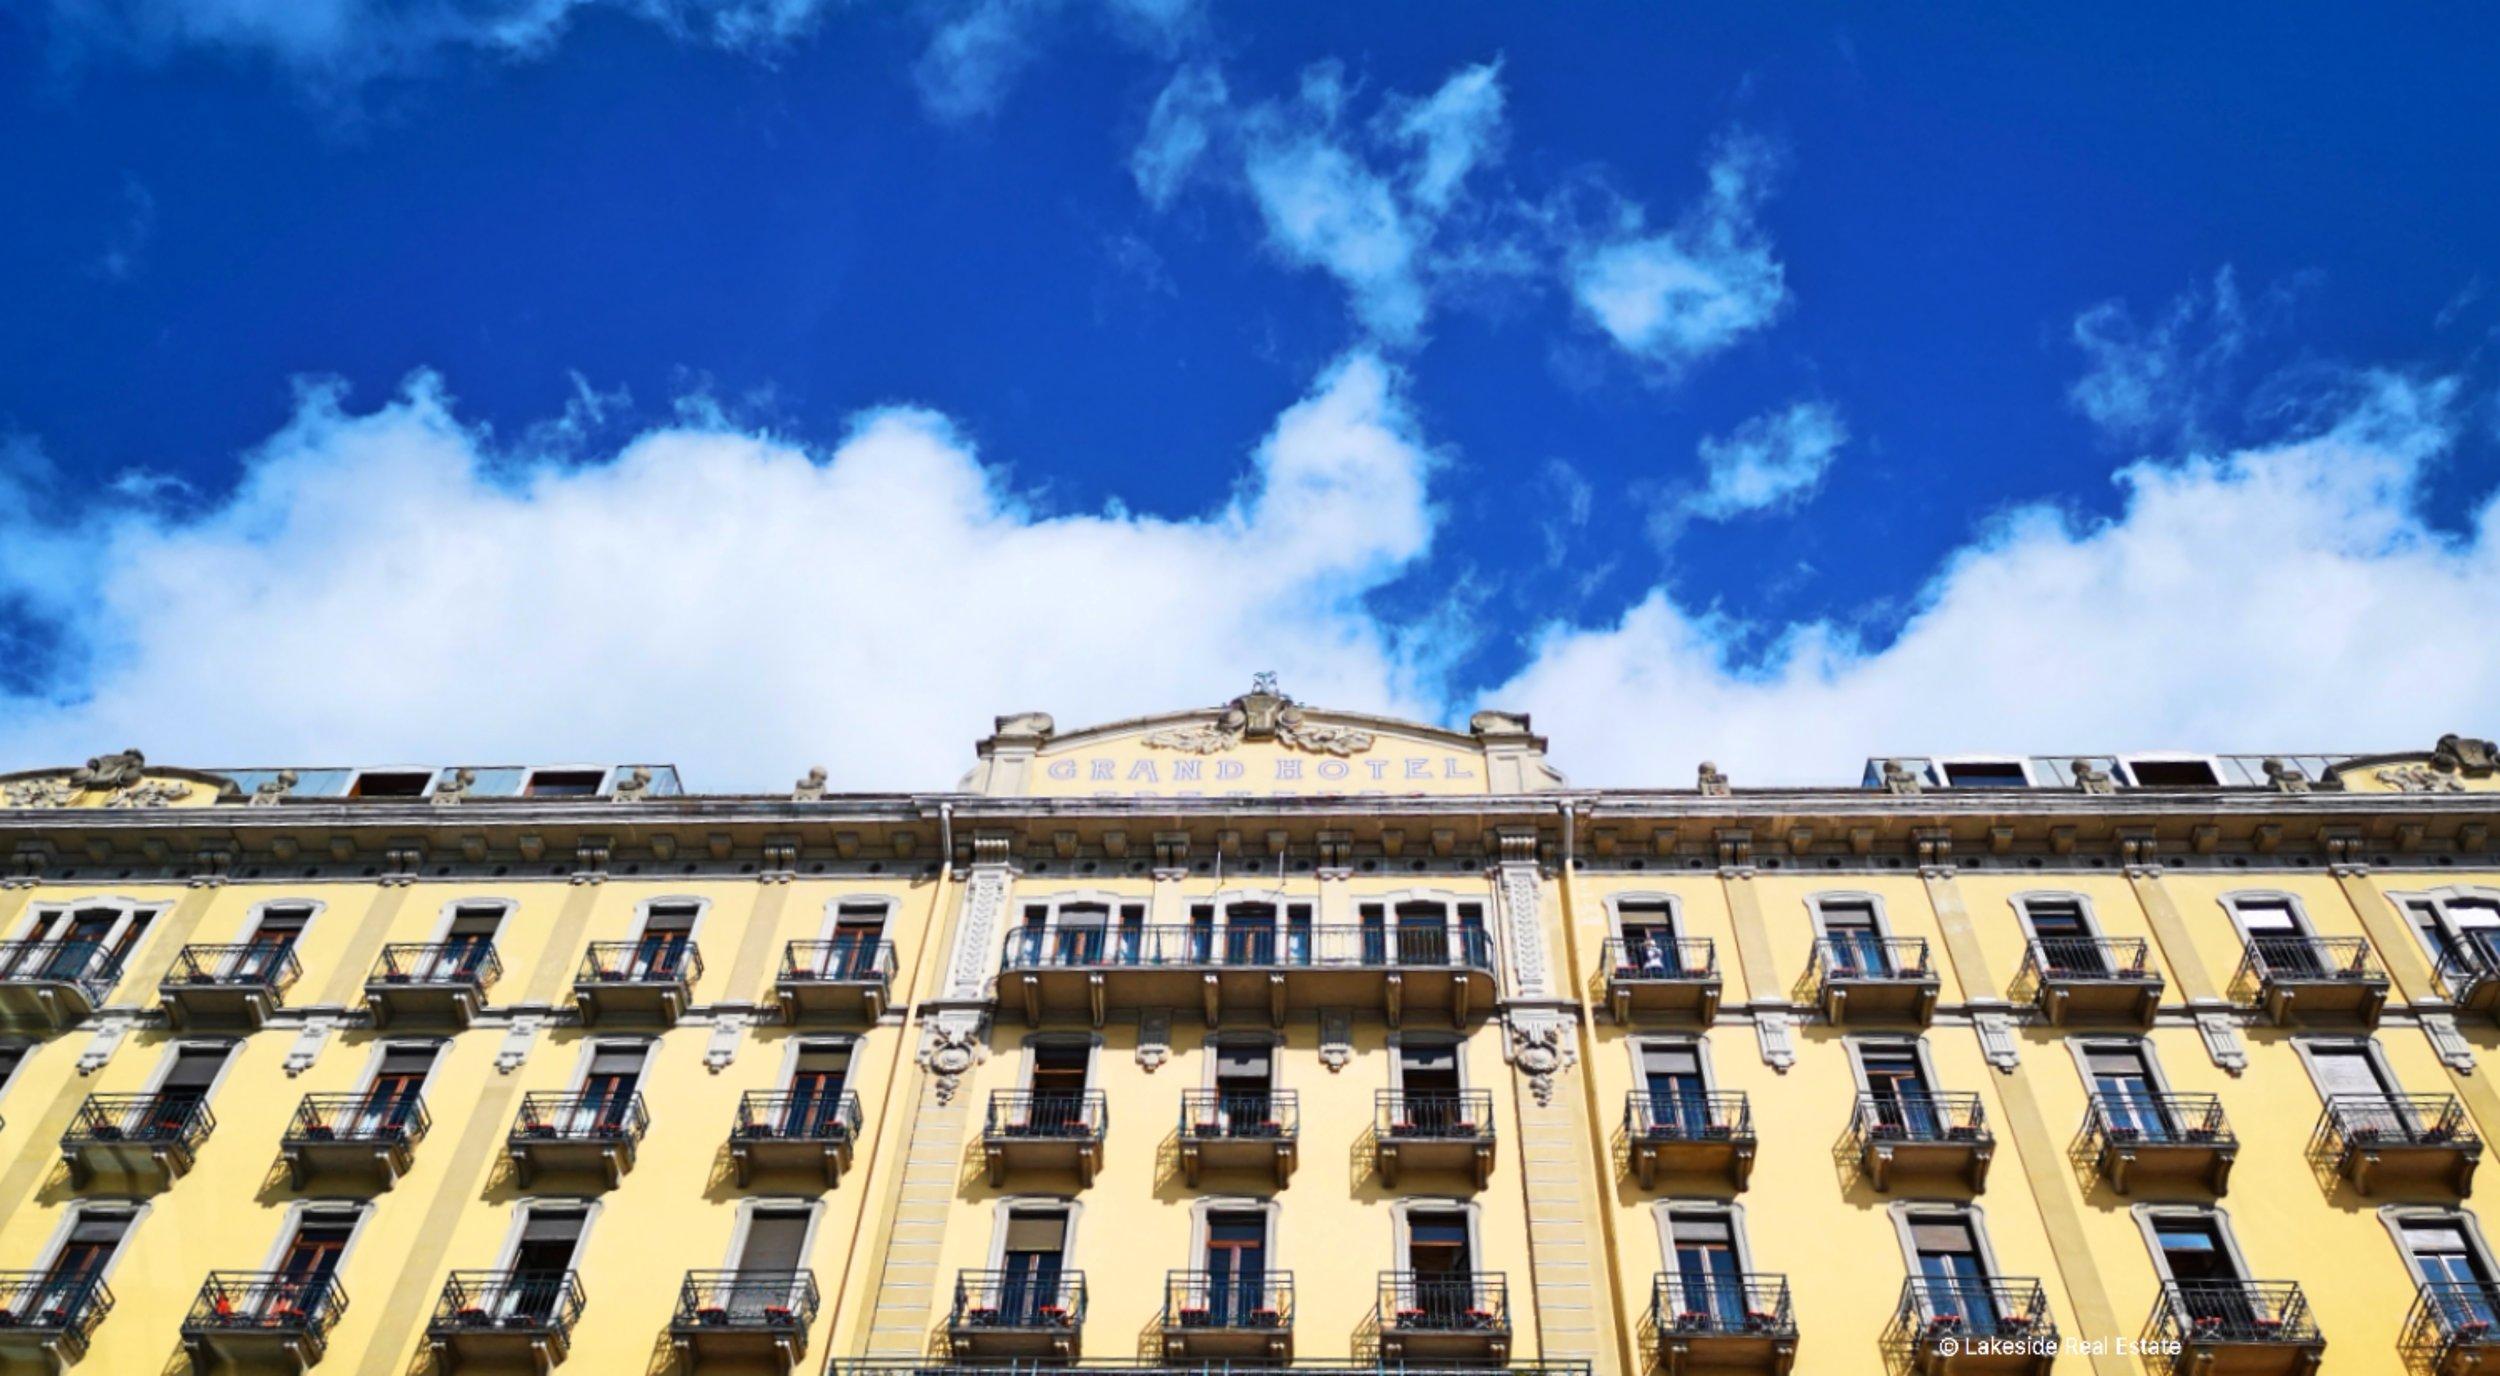 The majestic facade of Grand Hotel Tremezzo